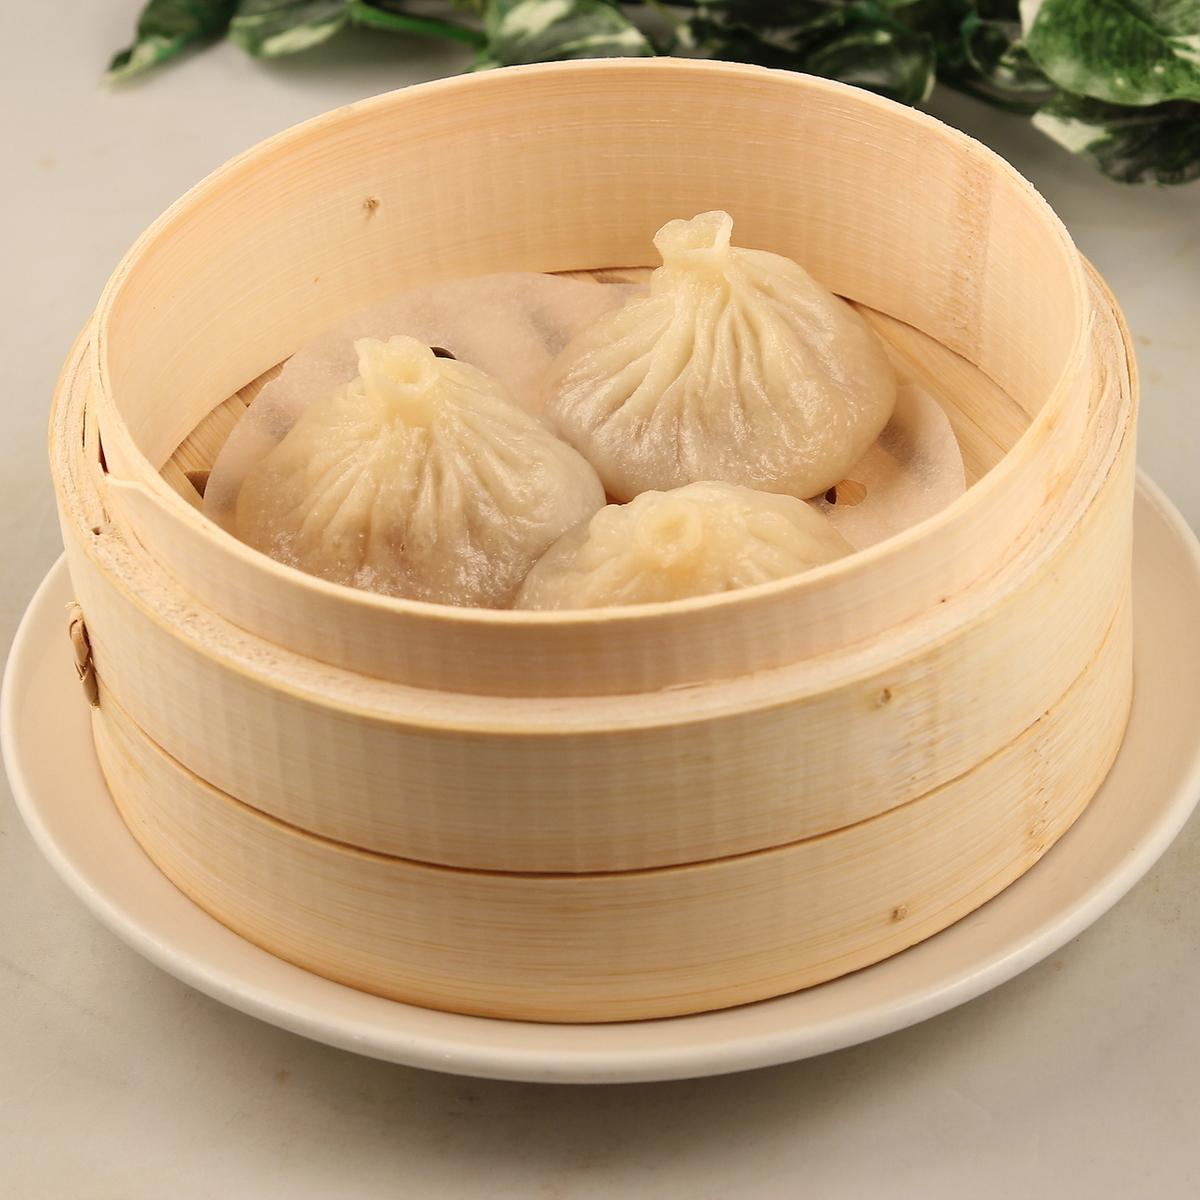 Sho Rong Pow / Shumai / Sichuan yaki dumplings (5 pieces)